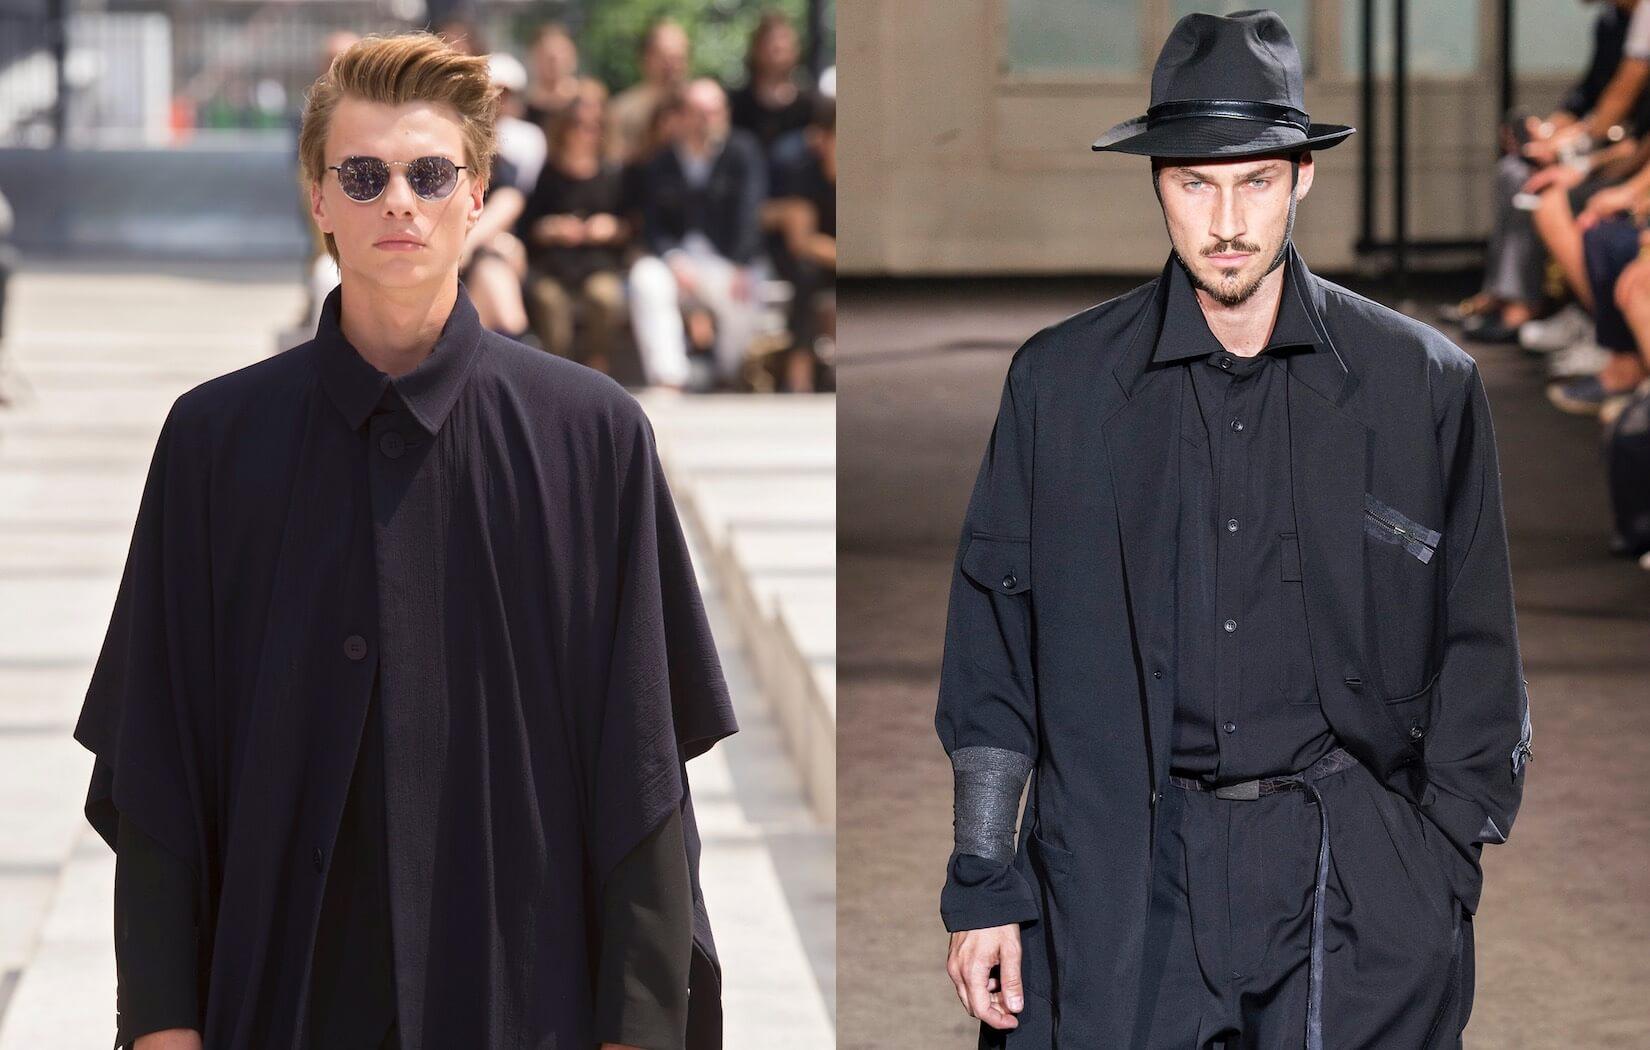 Favorito Moda Uomo: lo stile giapponese minimal e chic - Moda uomo Moda donna CU47